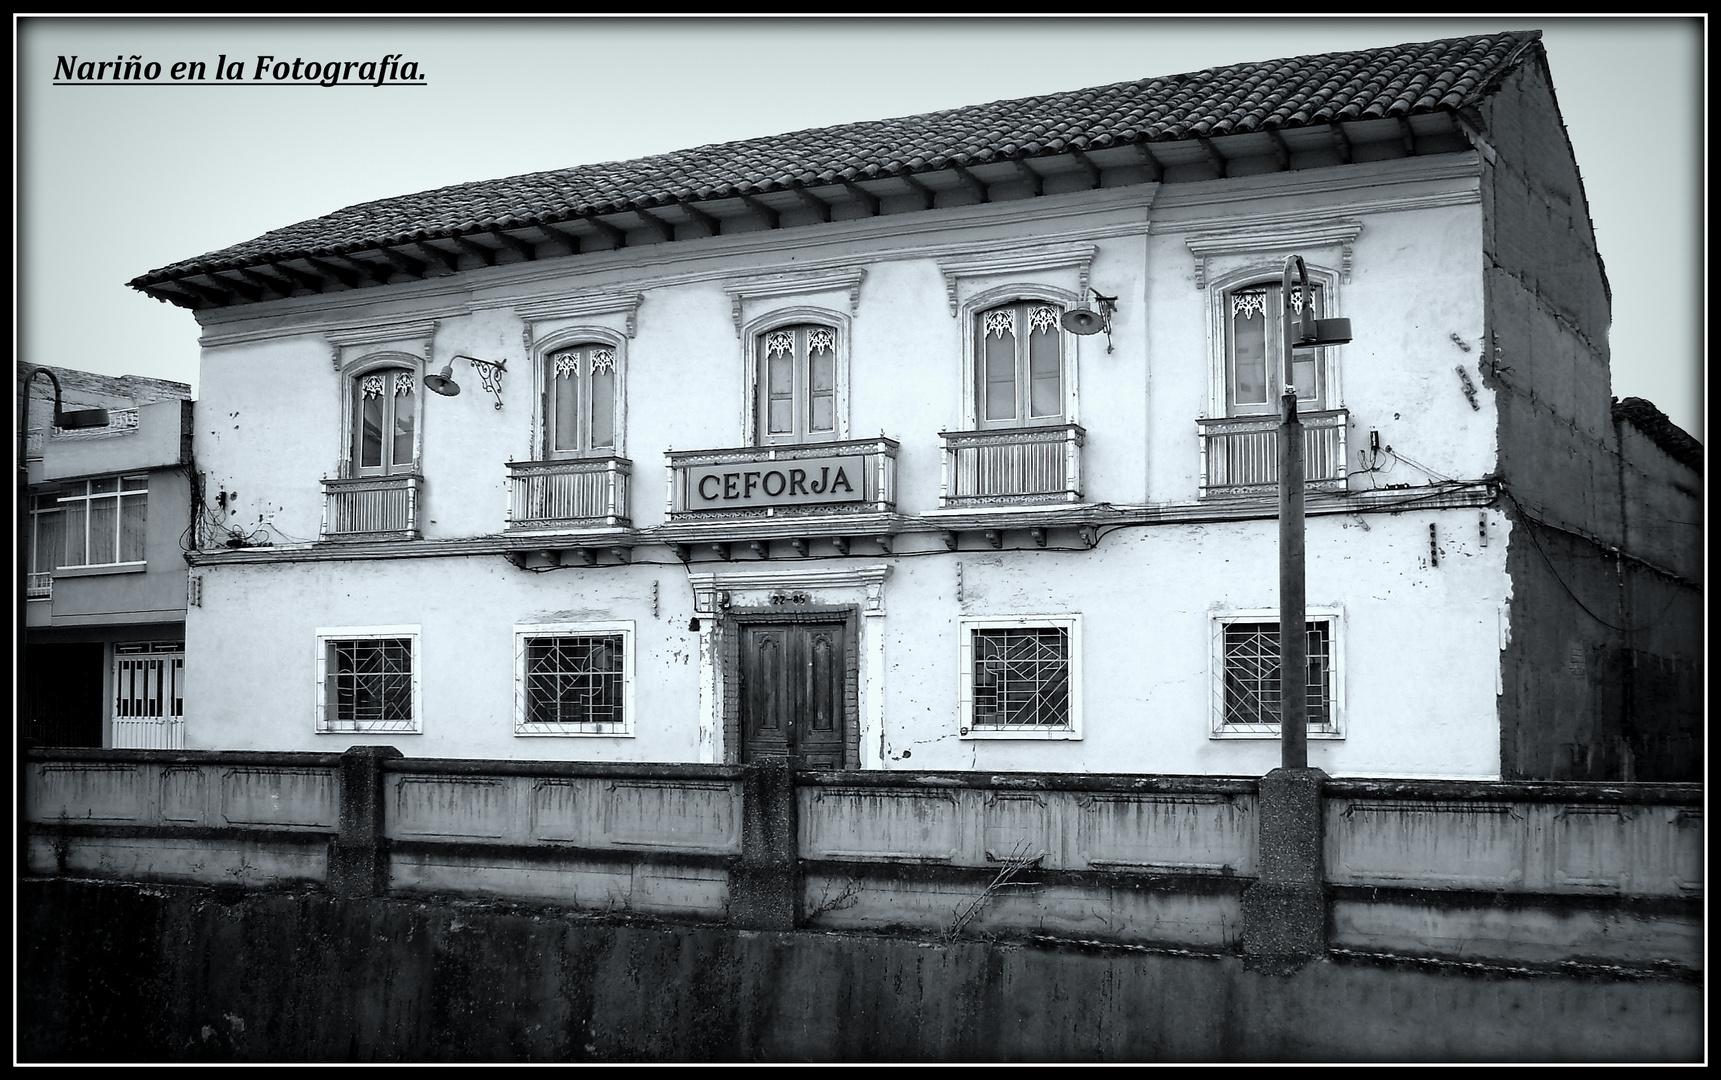 Ceforja - San Juan de Pasto